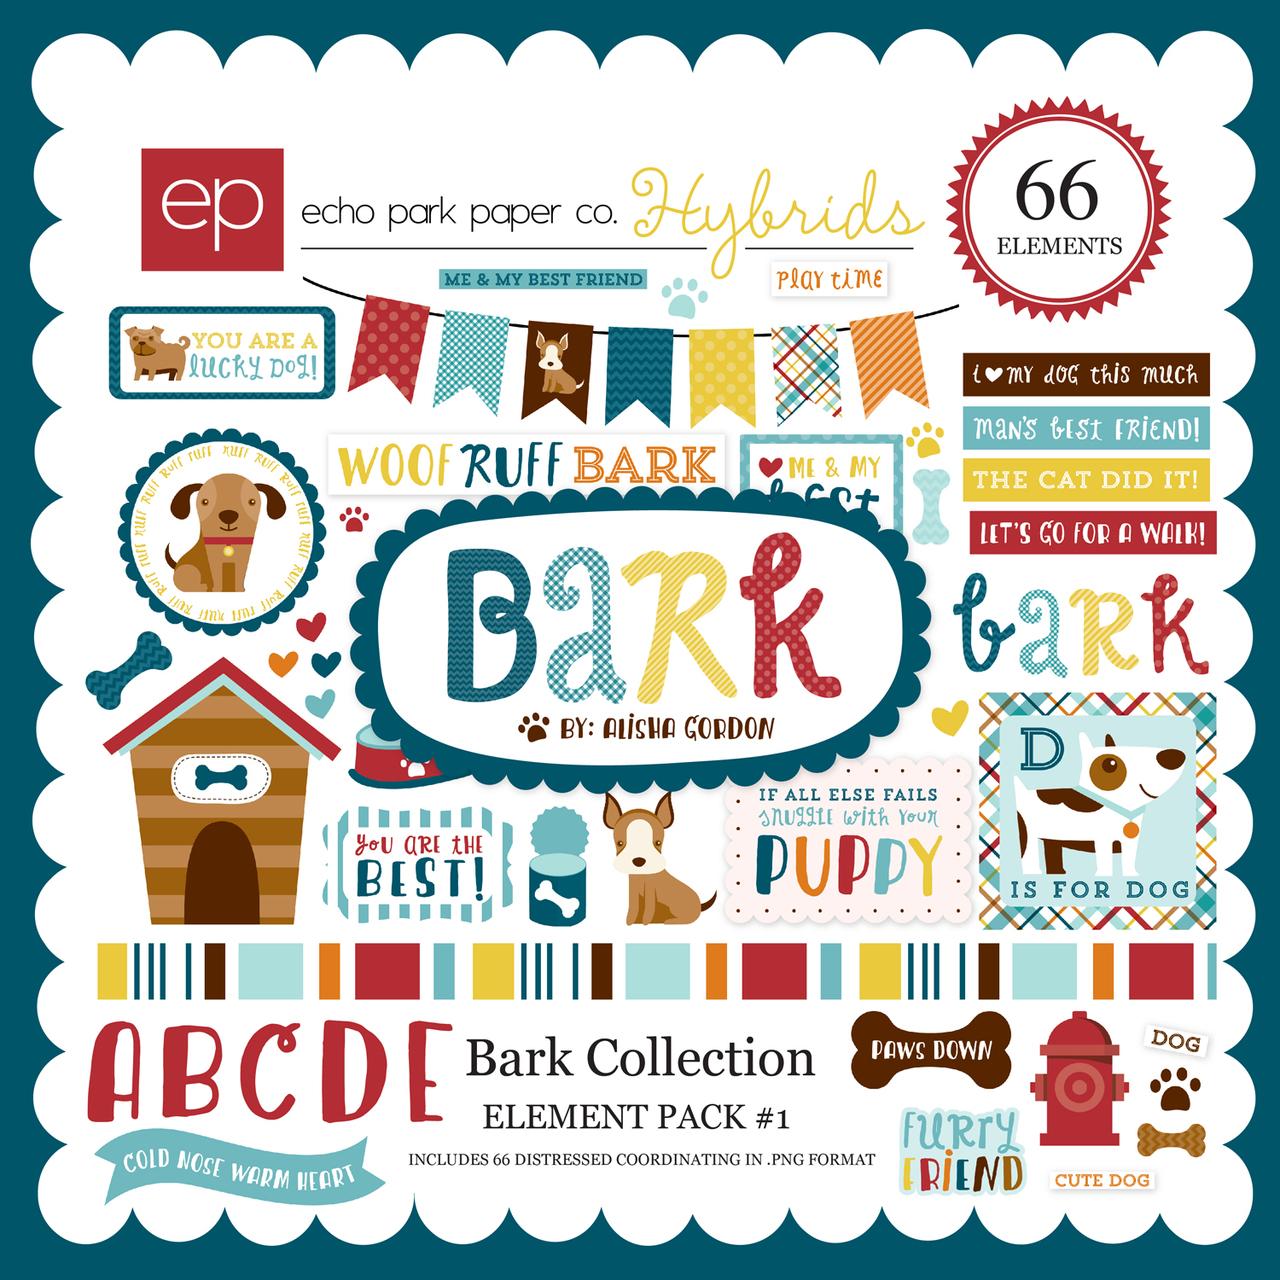 Bark Element Pack 1